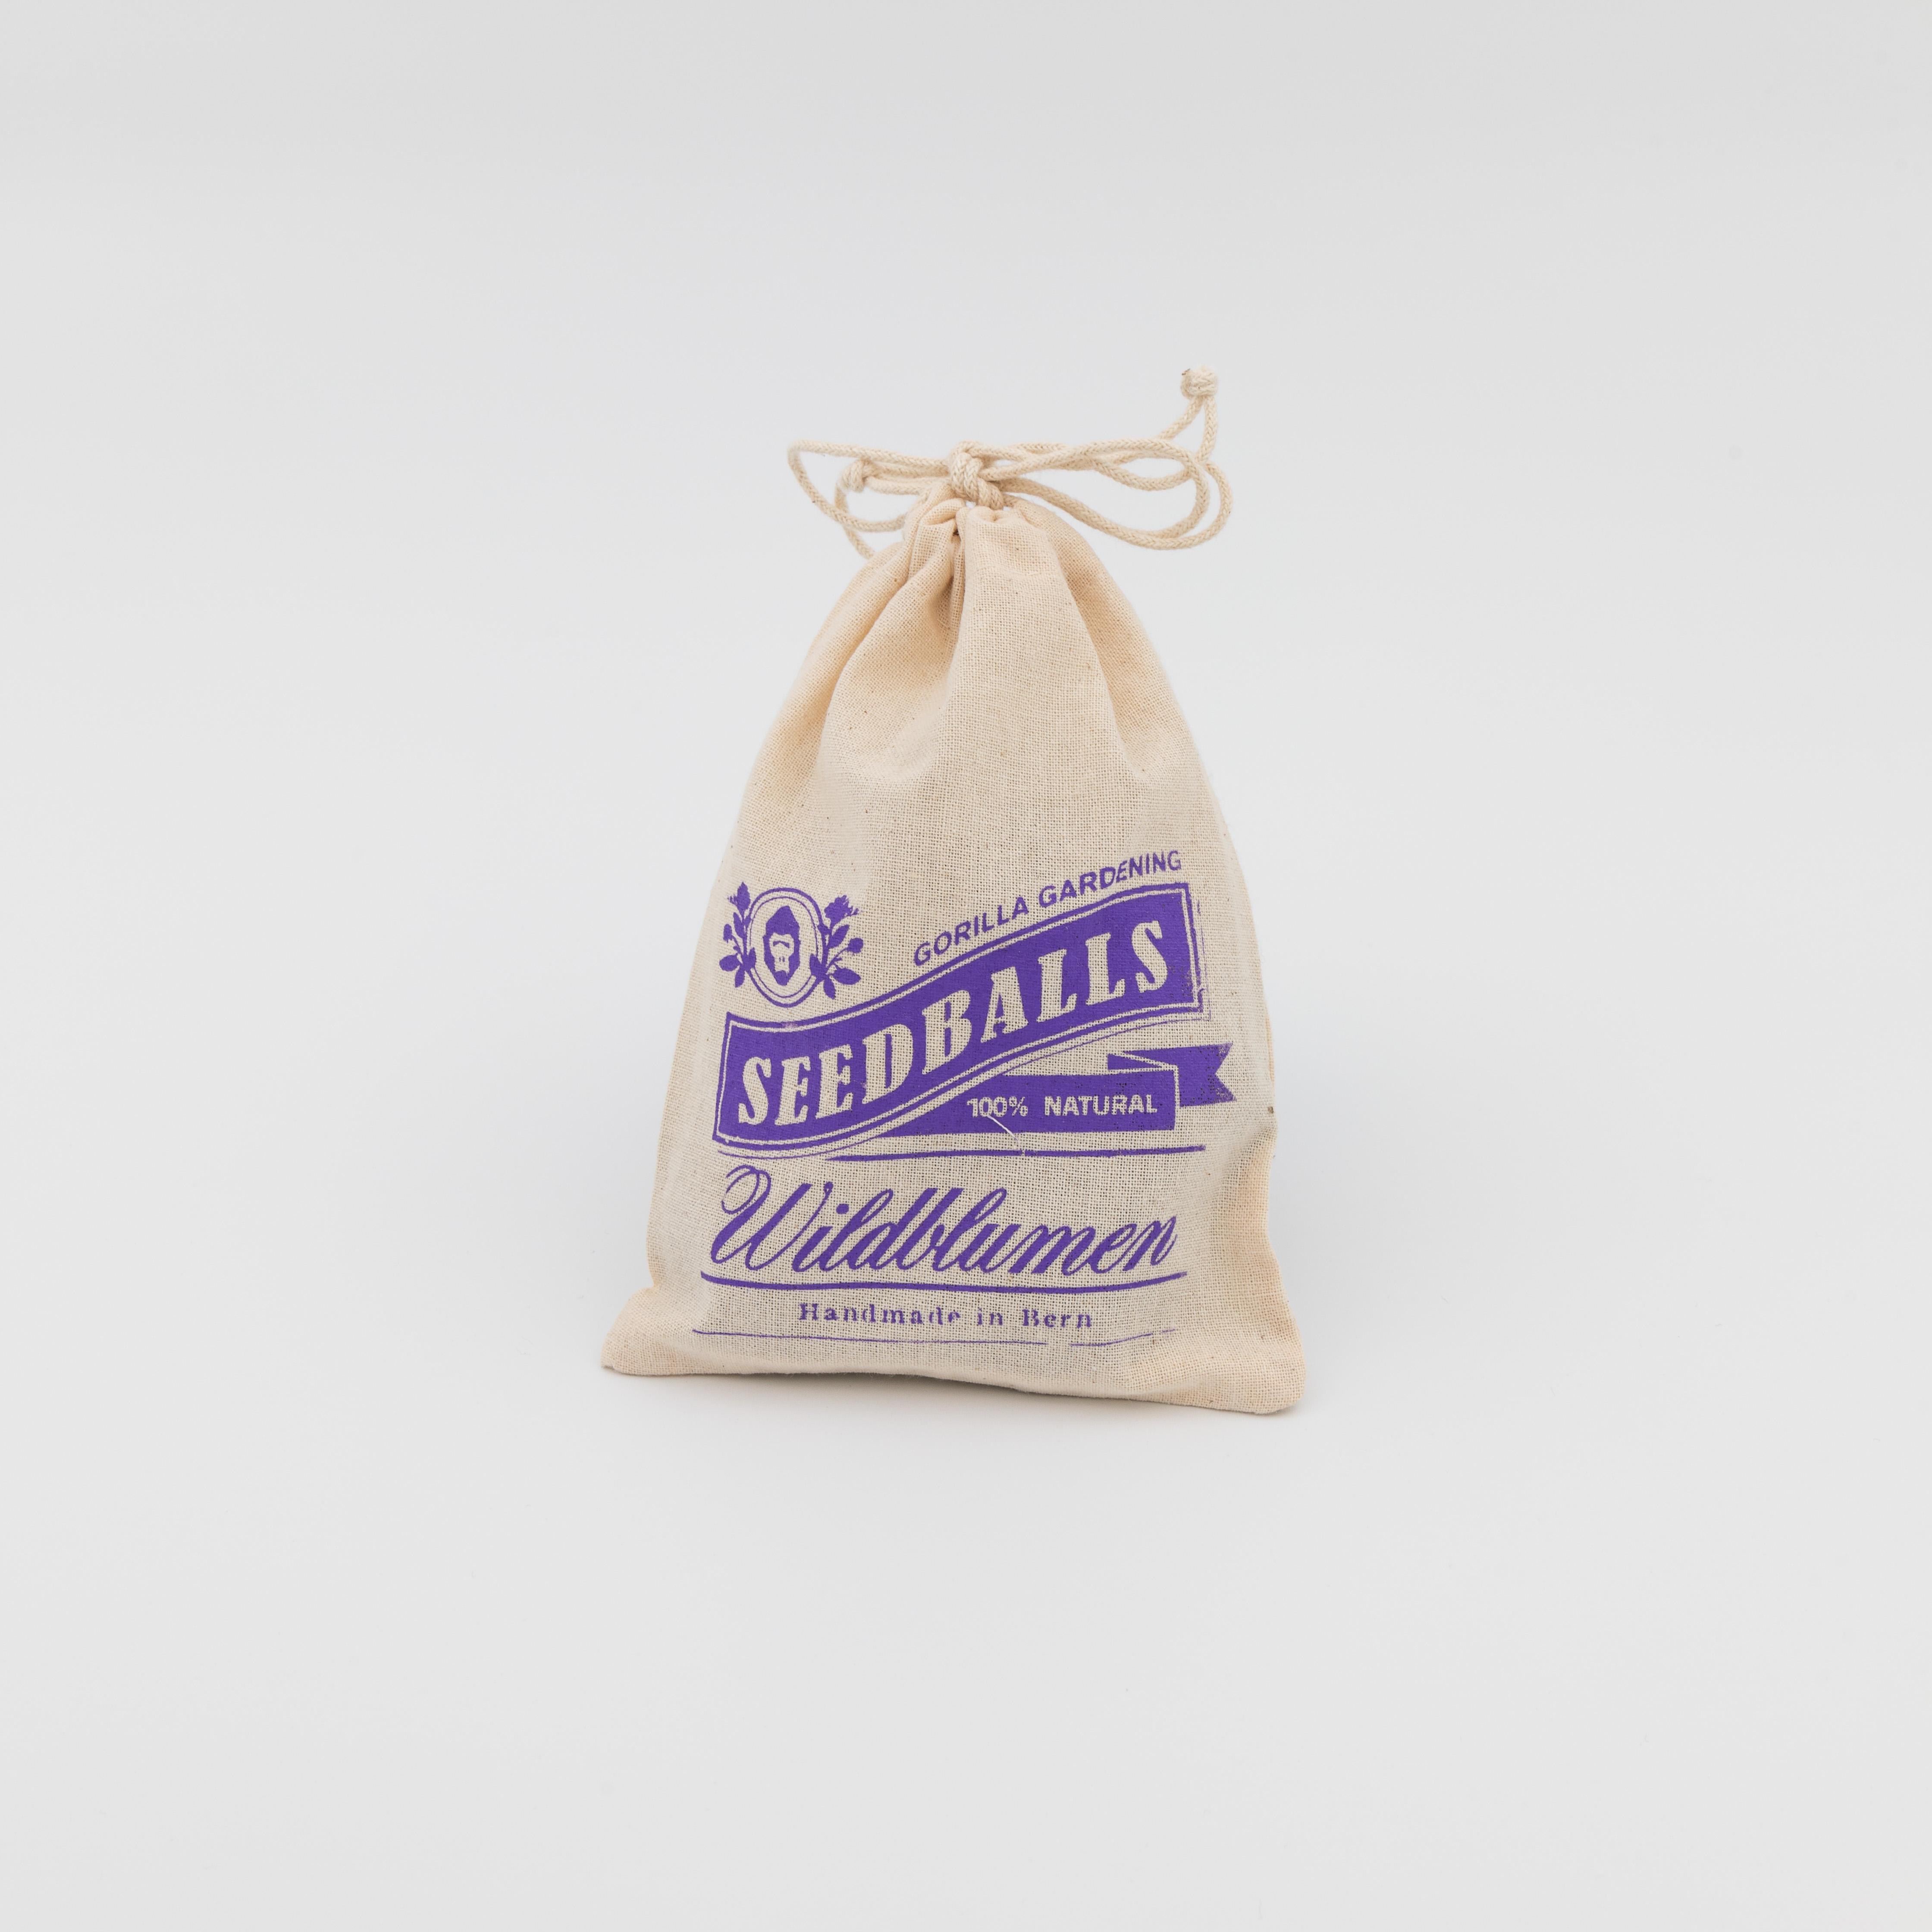 Baumwollsäckchen mit fünf Seedballs drin.